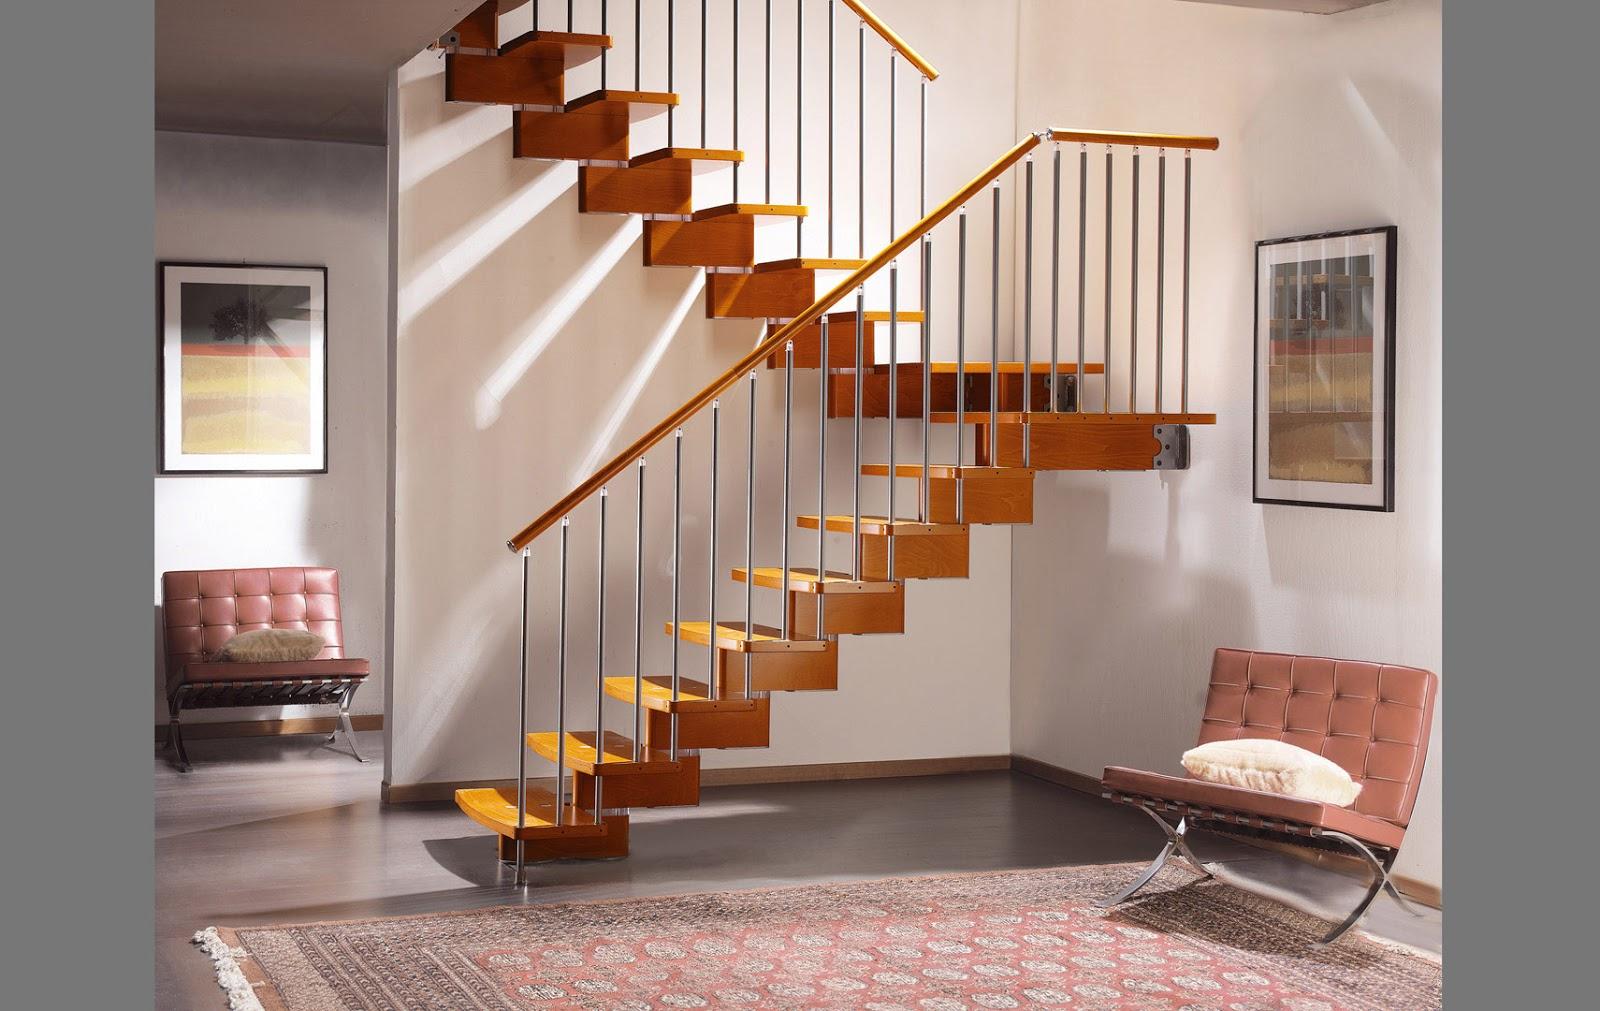 Desain Tangga Rumah 2 Tingkat